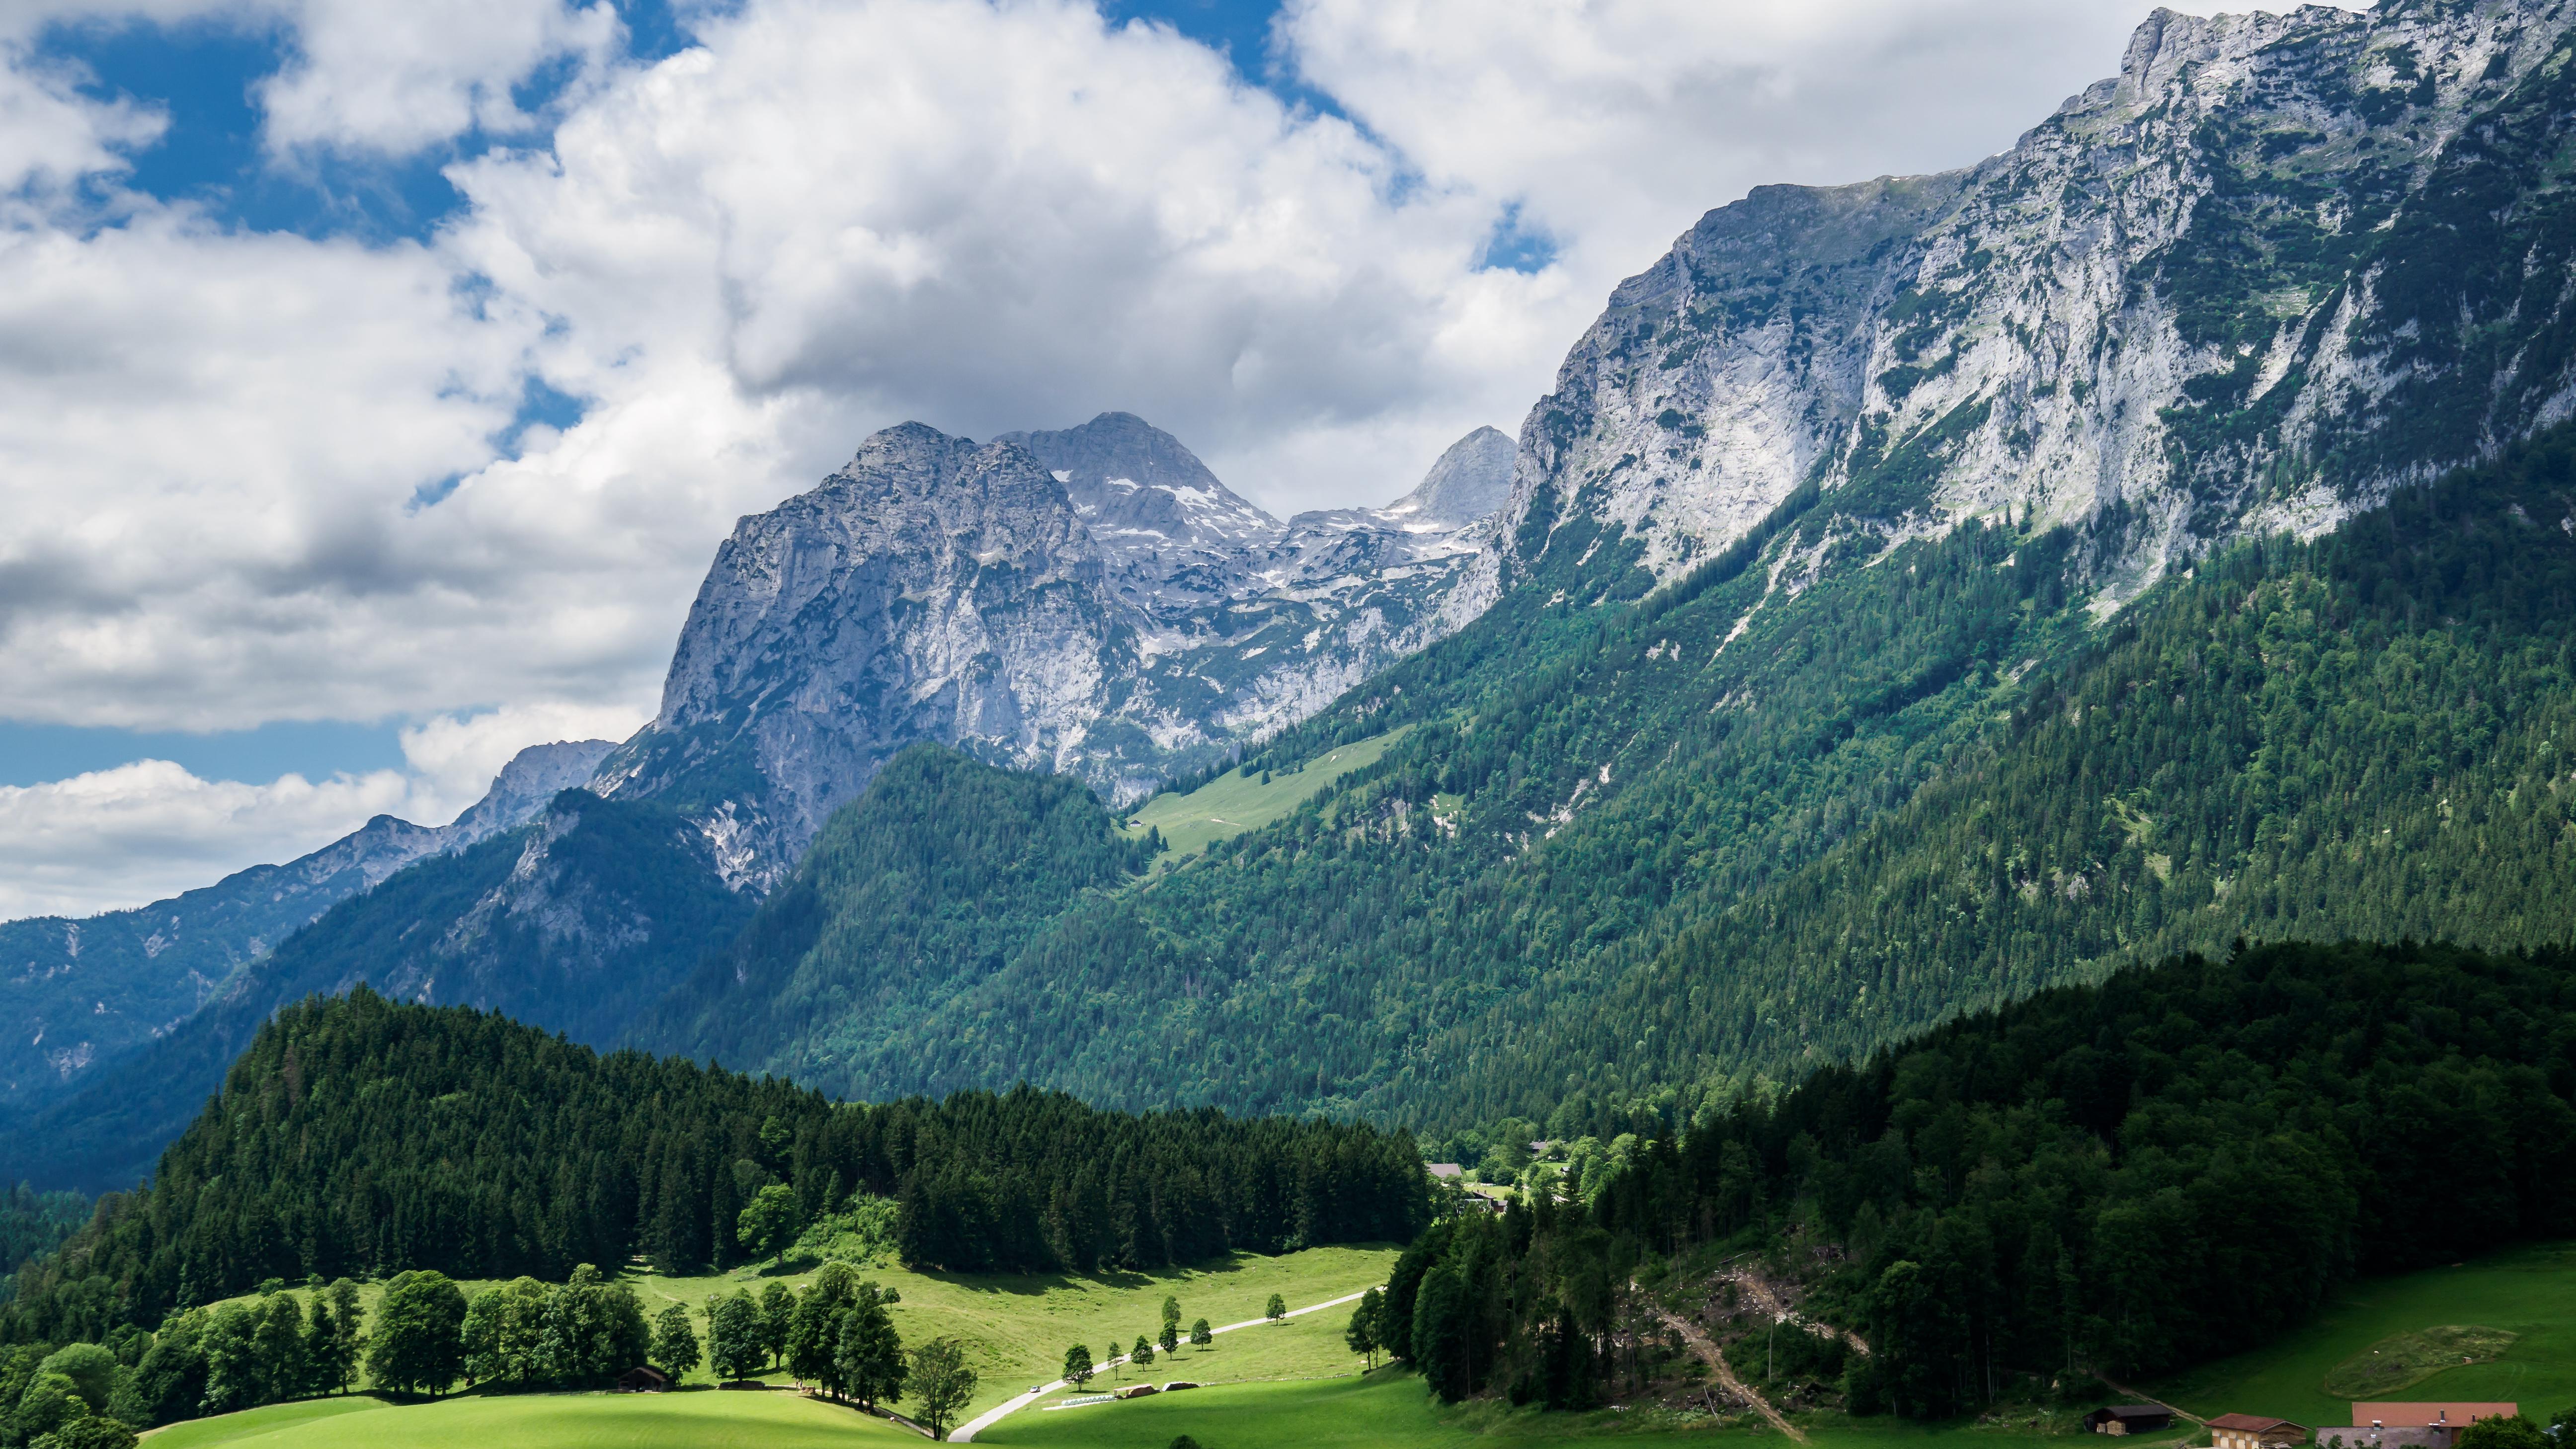 67069 обои 480x800 на телефон бесплатно, скачать картинки Пейзаж, Природа, Горы, Лес, Альпы, Склон 480x800 на мобильный